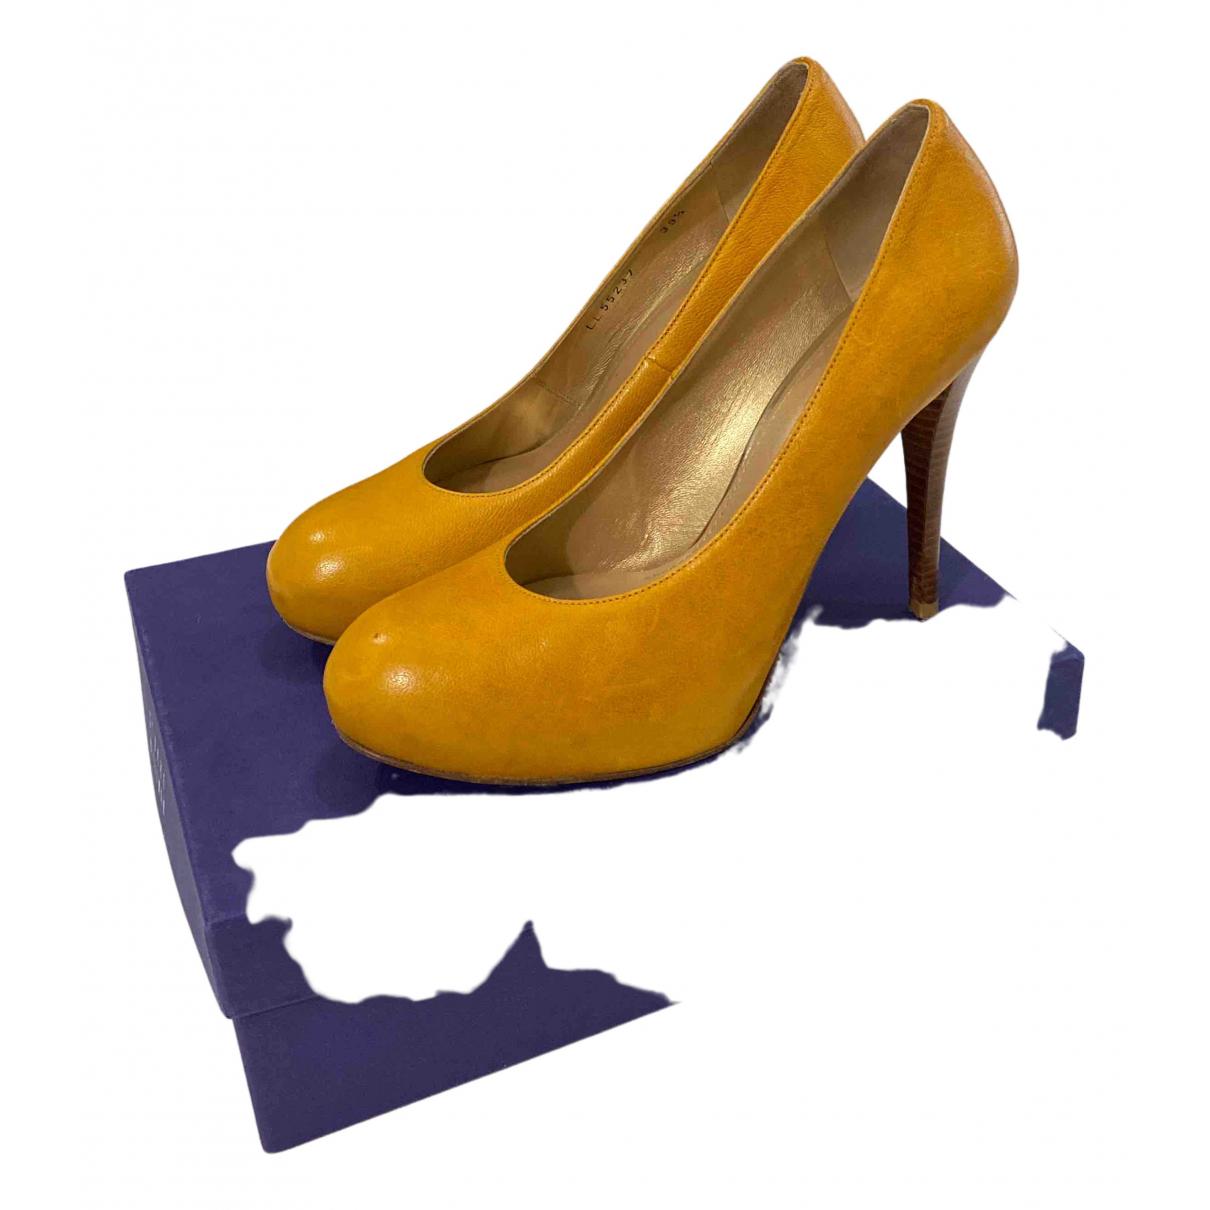 Stuart Weitzman N Yellow Leather Heels for Women 39.5 EU